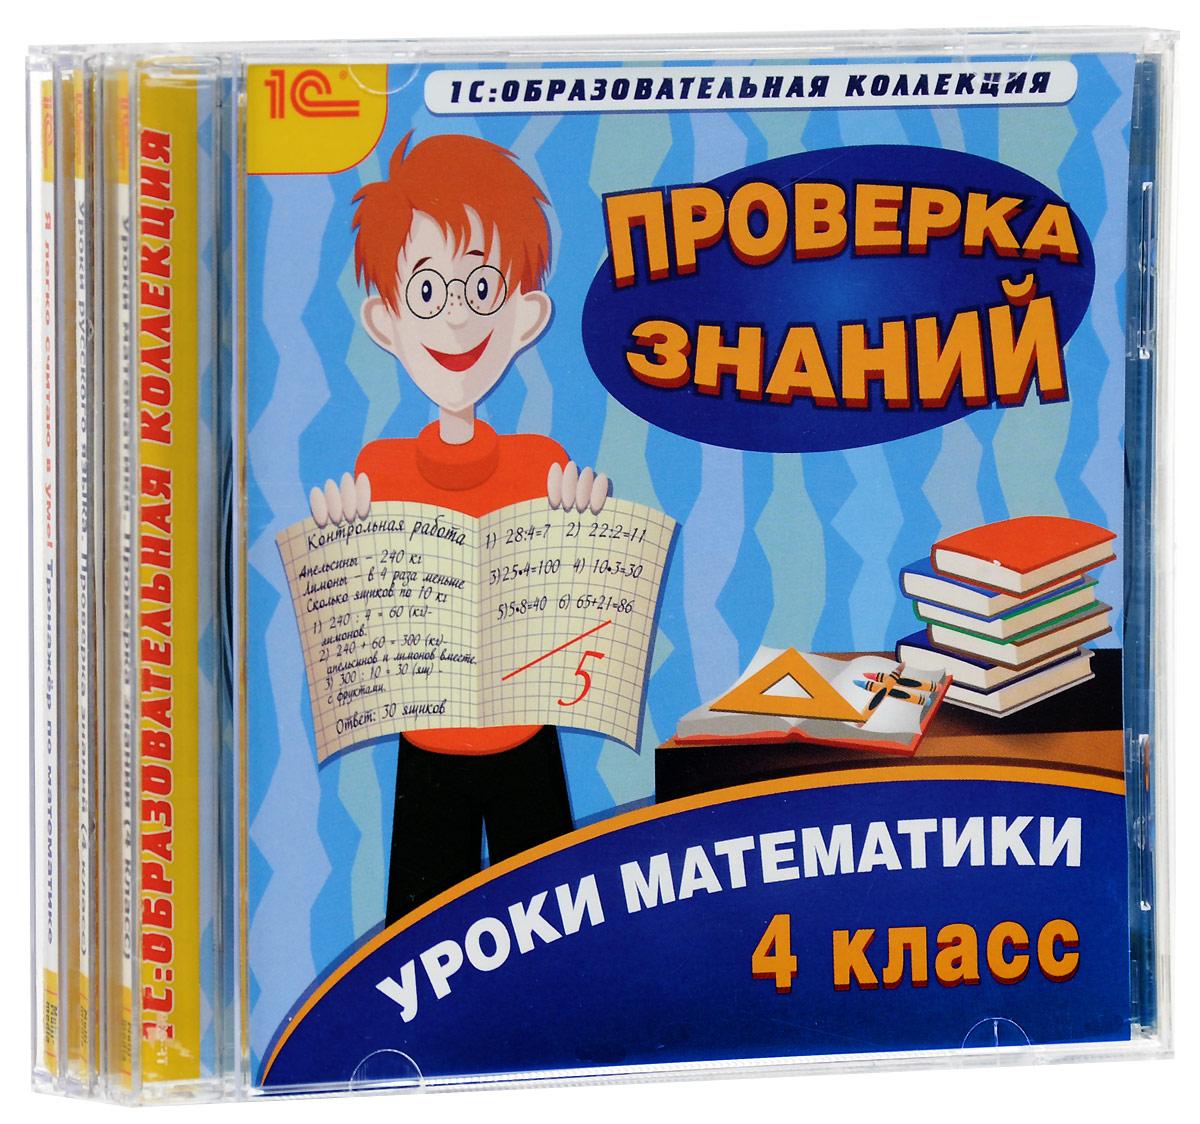 1С: Образовательная коллекция. Комплект Тренажеры для 4 класса